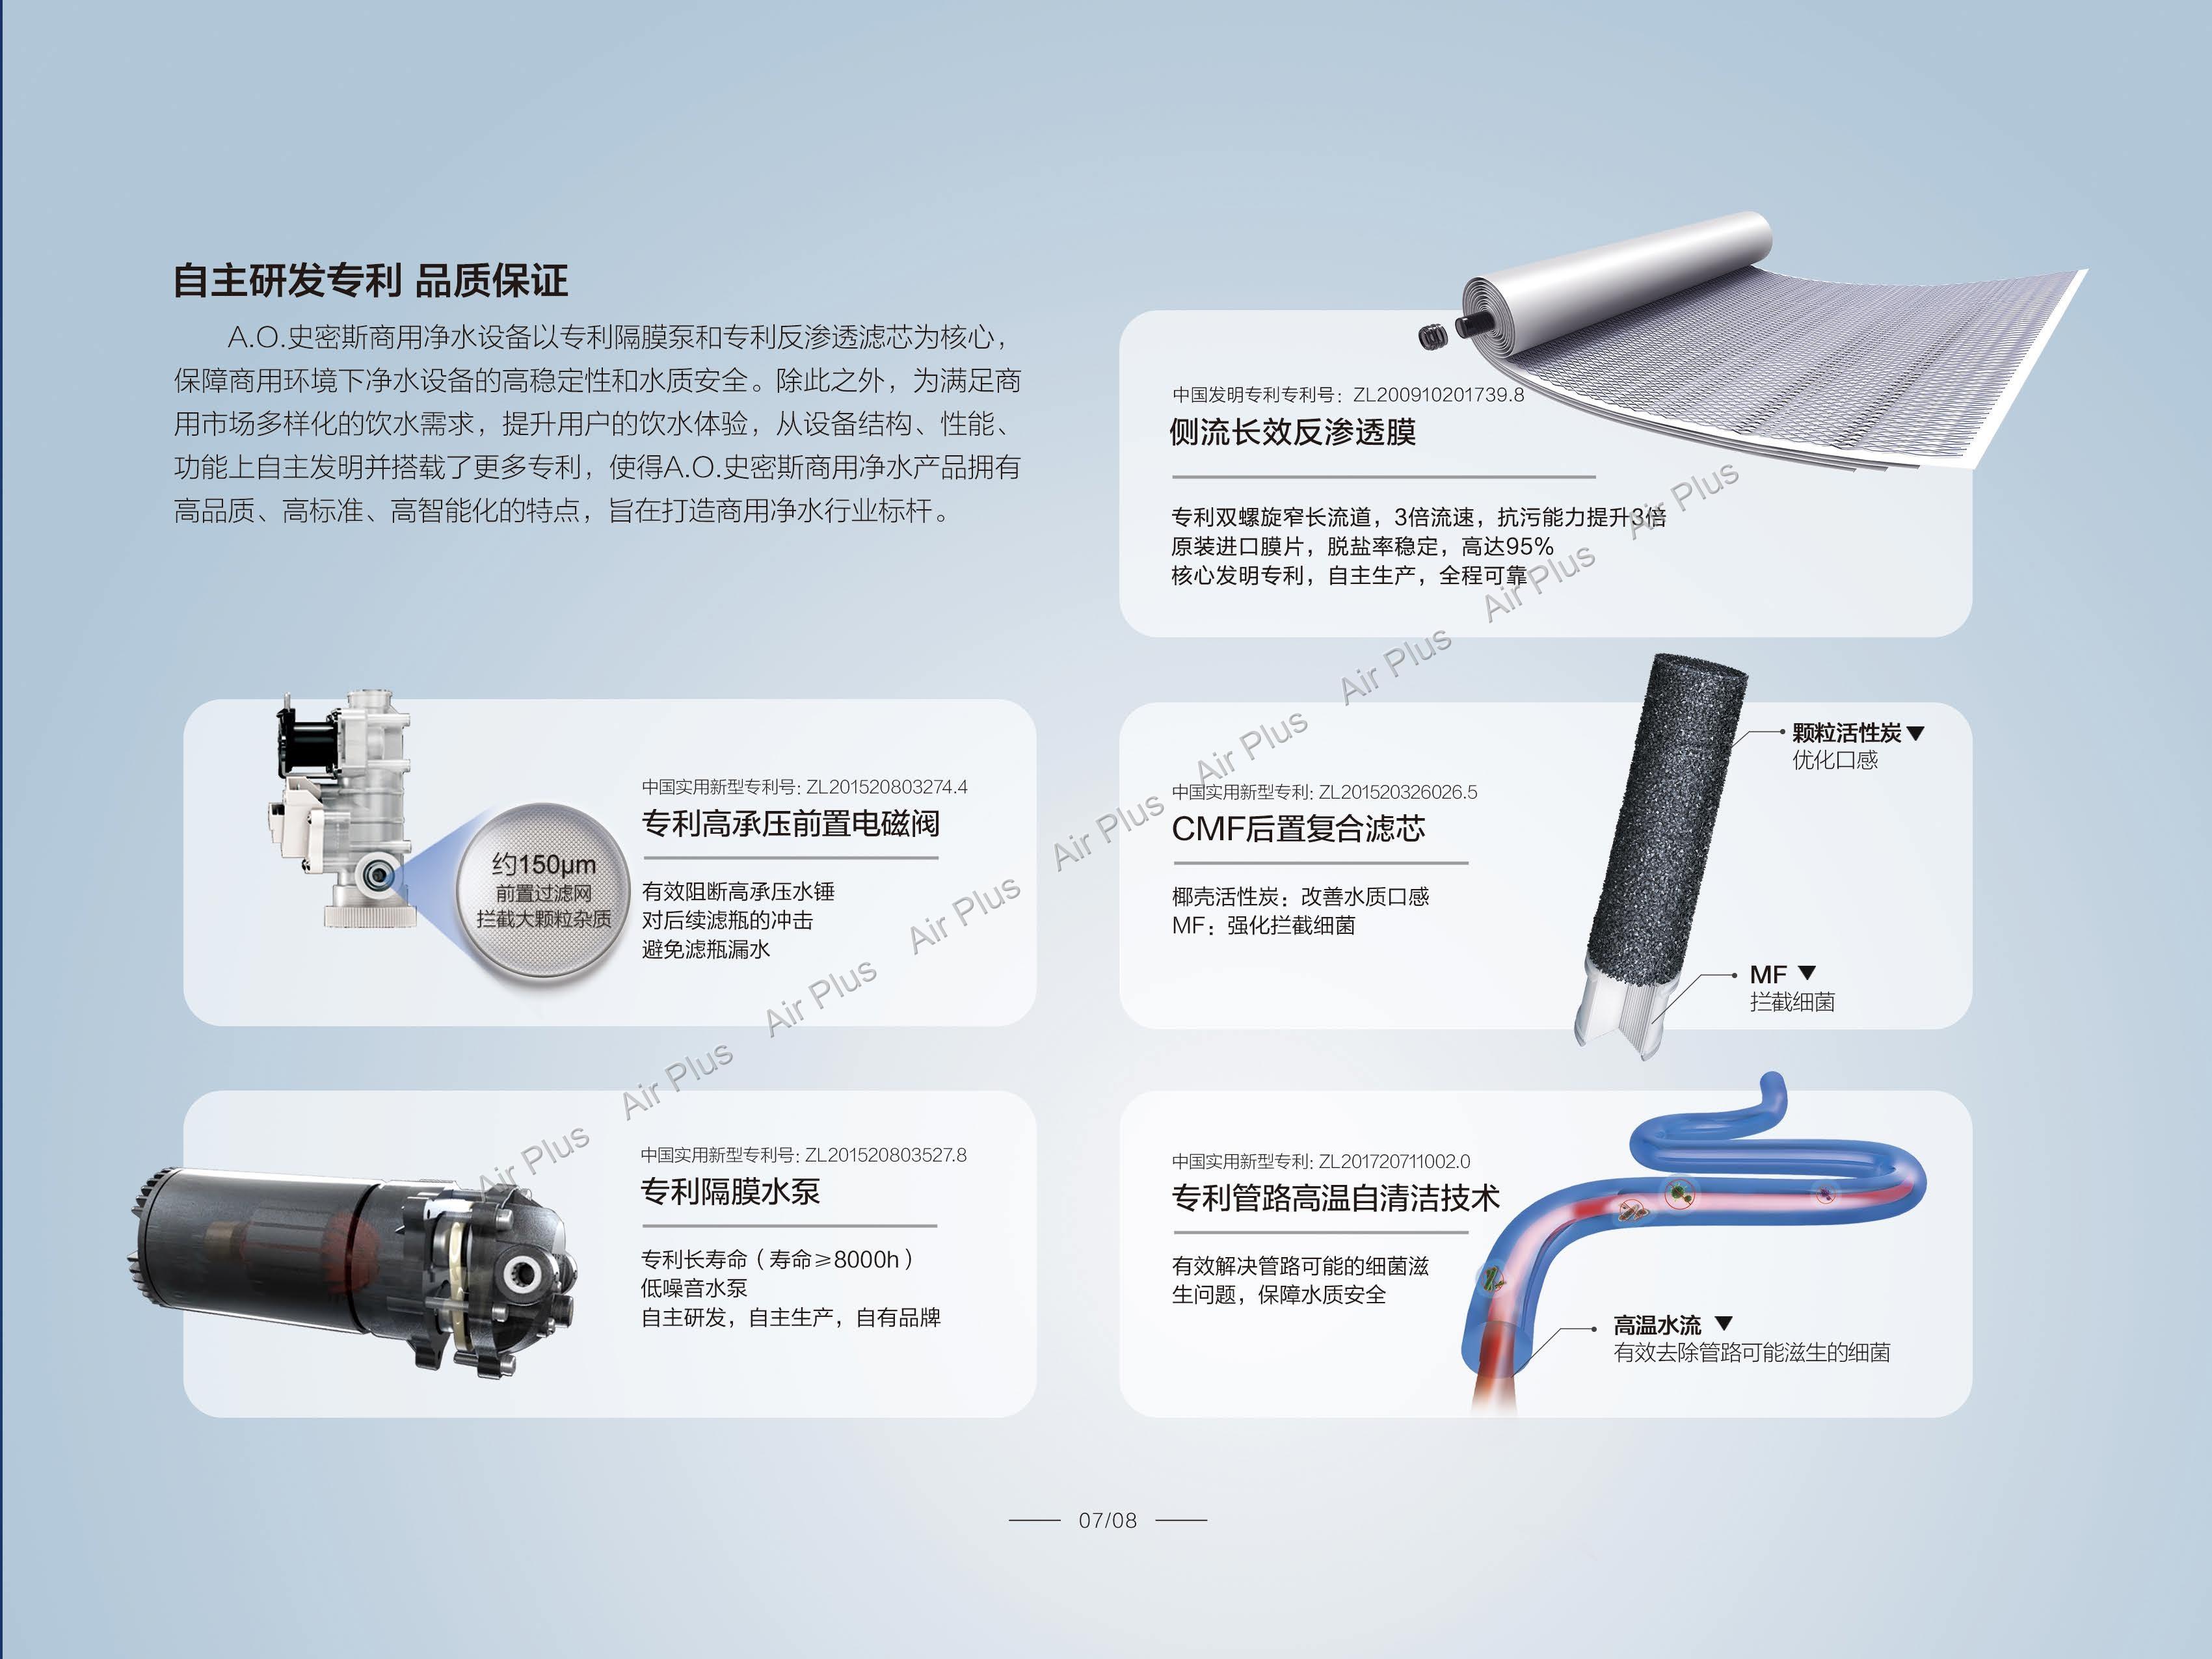 A.O.SMITH商用净水产品手册 手机端(1)_页面_09.jpg